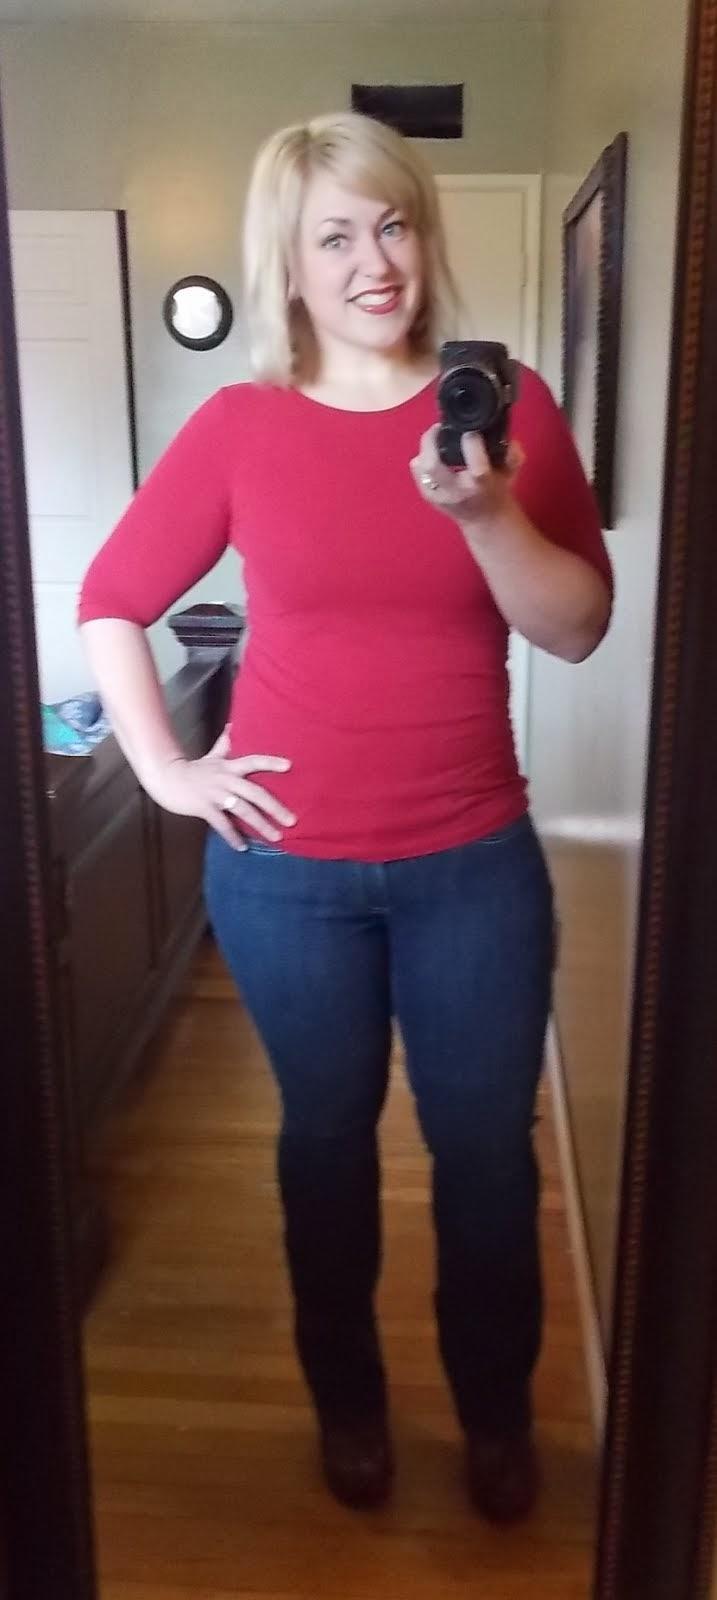 145 lbs down!